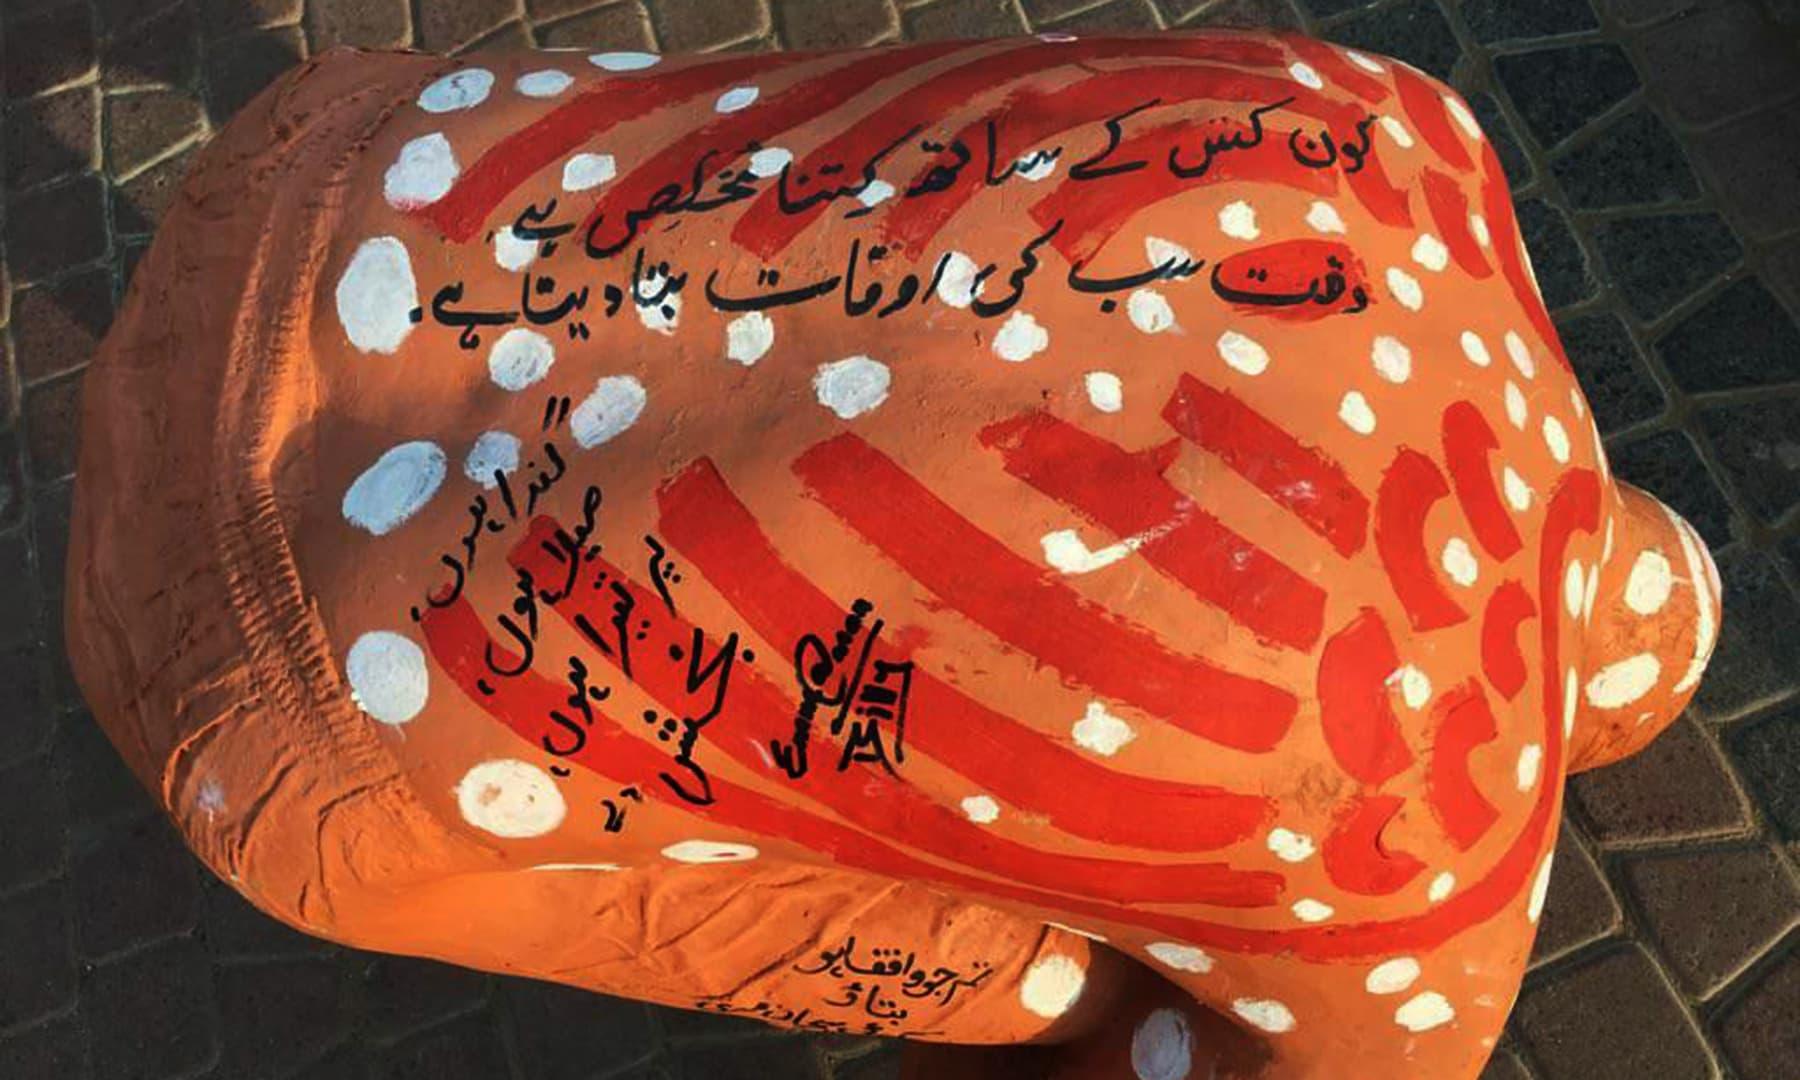 مرغا بننے کی سزا بھگت رہا ایک مجسمہ آخر کون ہے؟ —تصویر امیر محمد خان